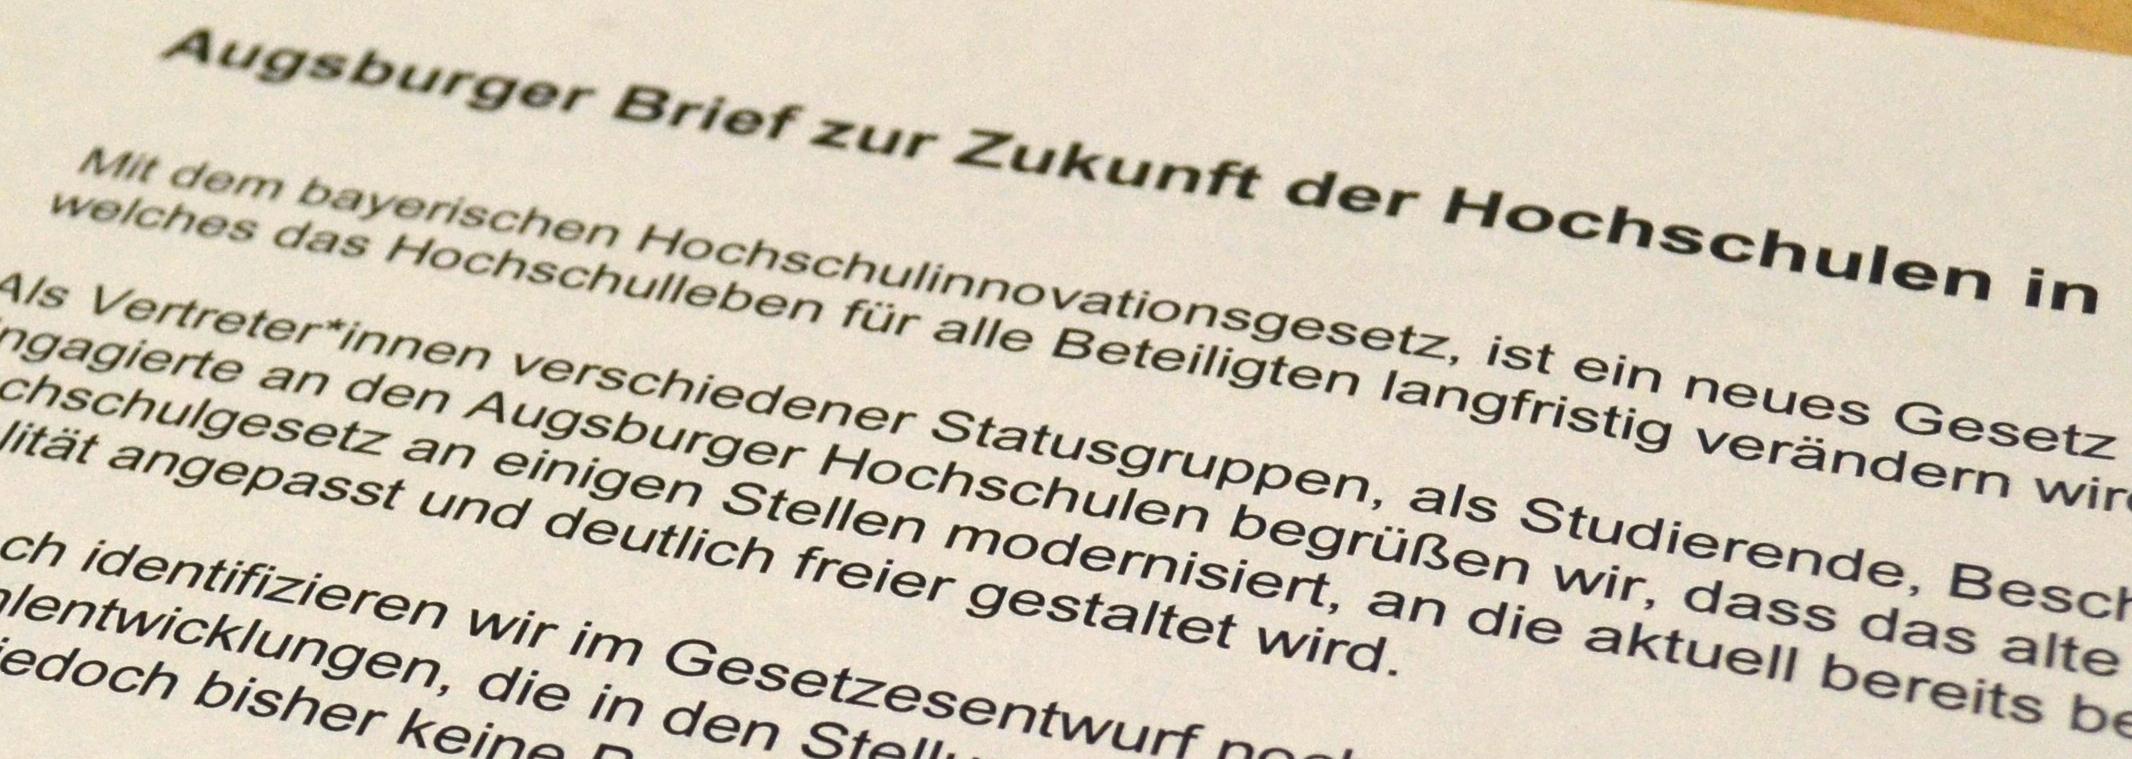 Augsburger Brief zur Hochschulreform